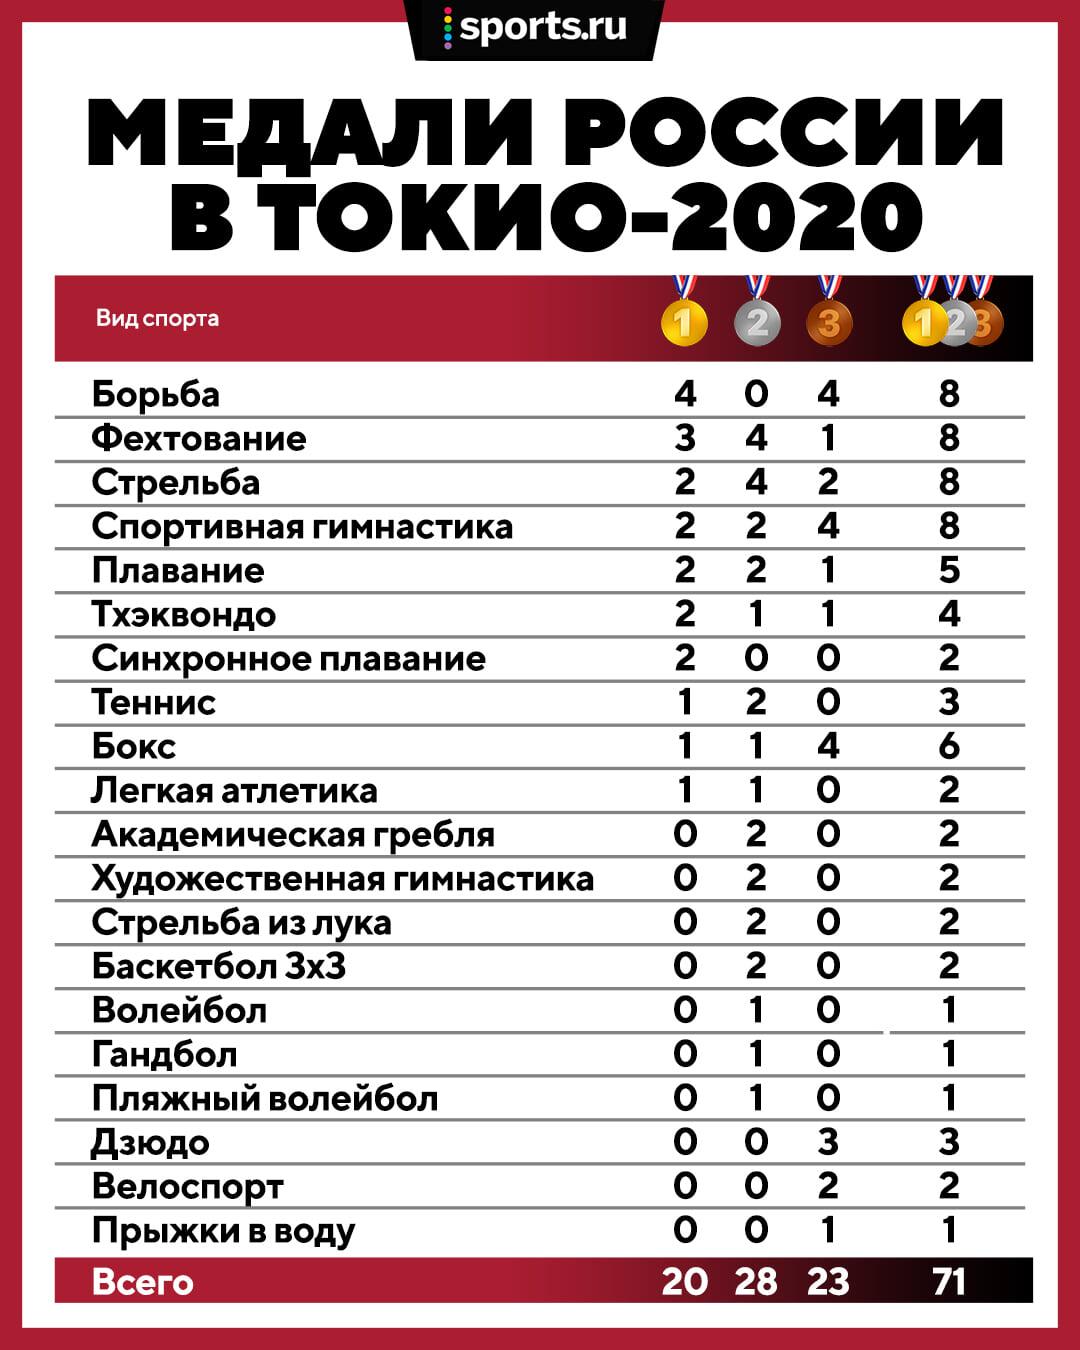 Выступление России в Токио-2020 – точно не триумф (как объявил босс ОКР), но наш спорт жив и прекрасен. Давайте вспоминать о нем чаще